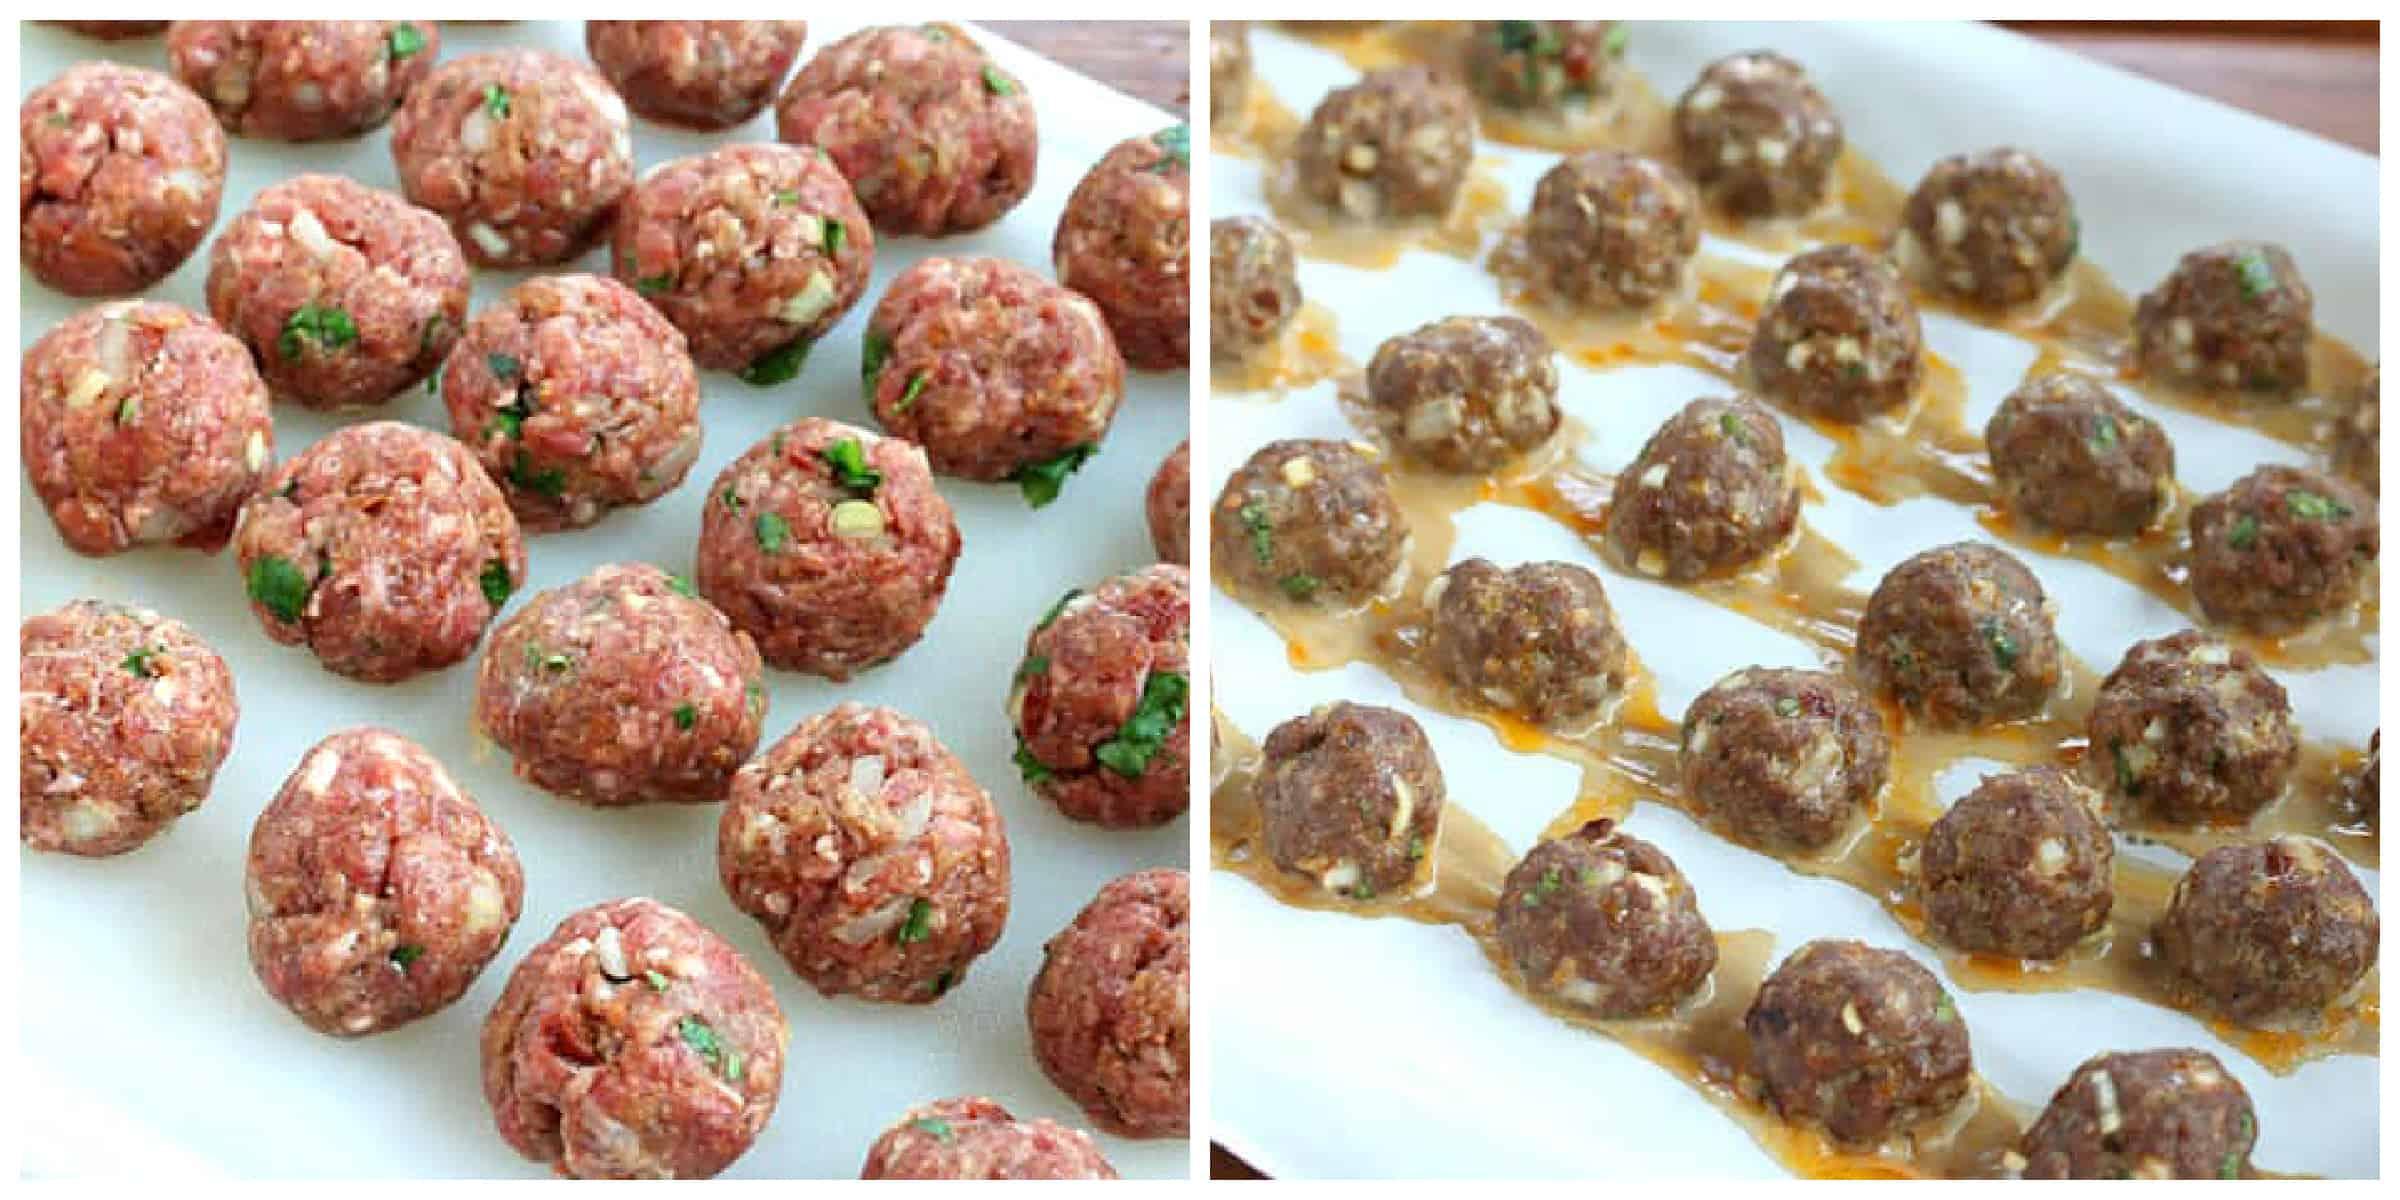 baking meatballs in oven